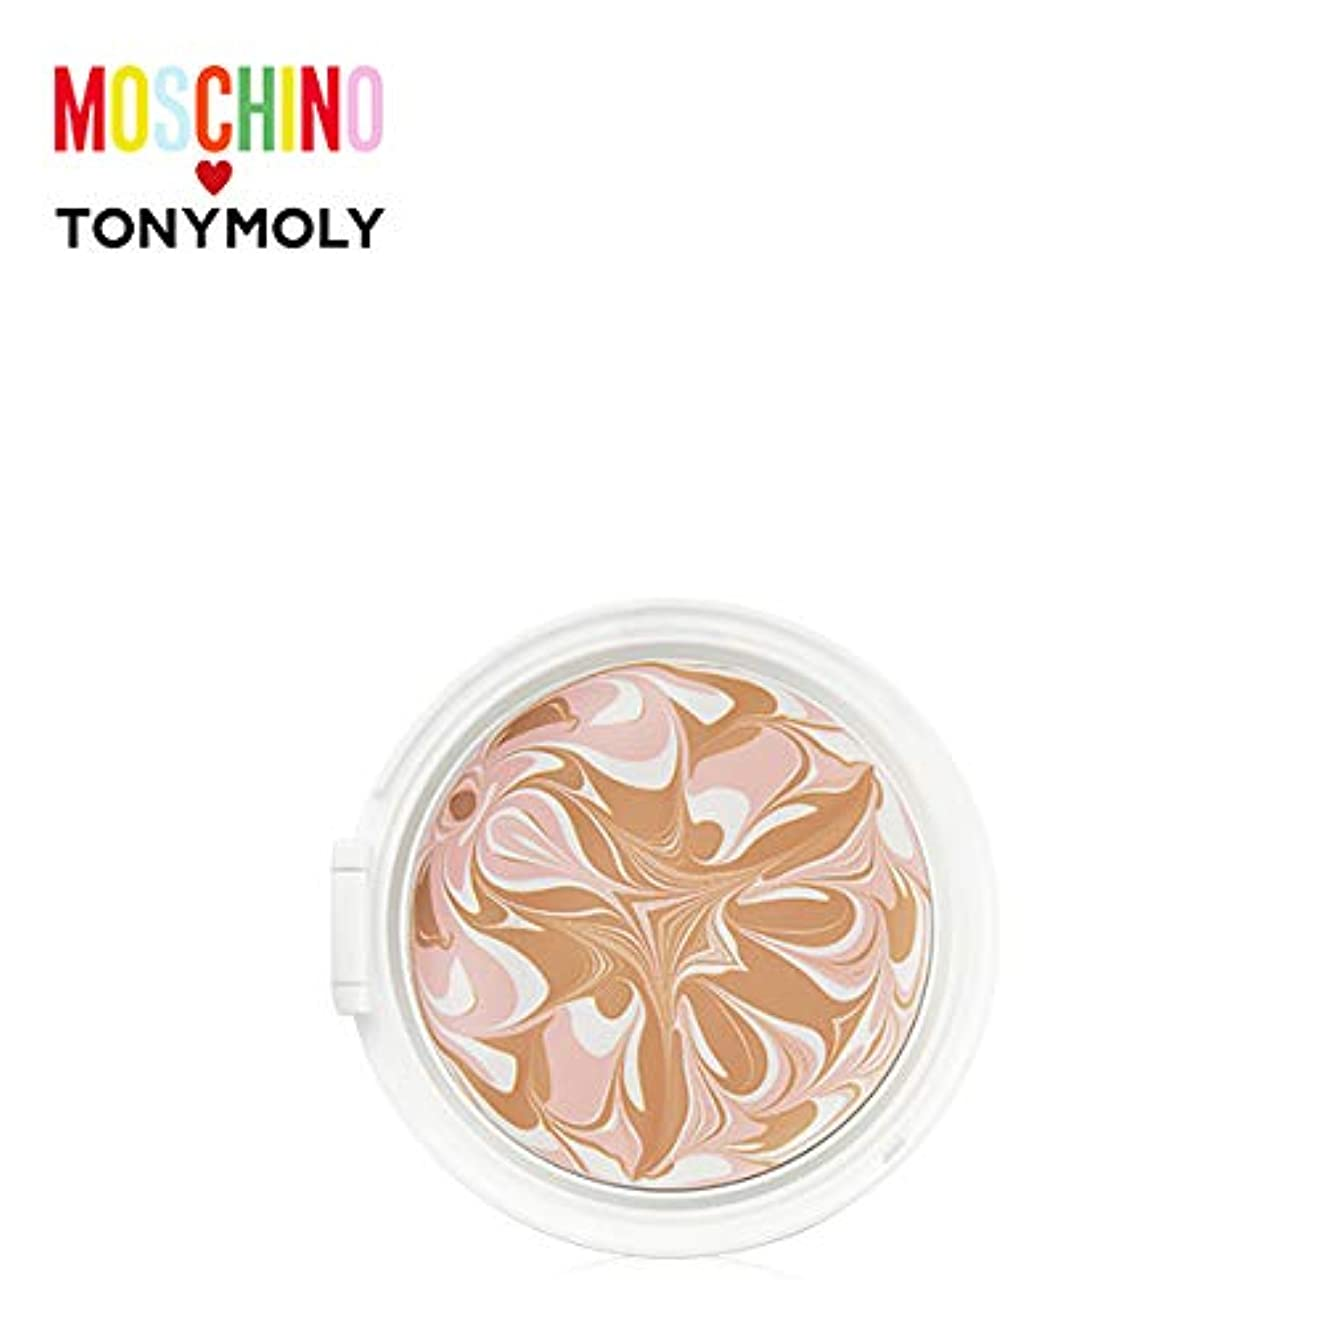 リスク餌起きているTONYMOLY [MOSCHINO] Chic Skin Essence Pact -Refill #02 CHIC BEIGE トニーモリー [モスキーノ] シック スキン エッセンス パクト -リフィル [詰め替え...